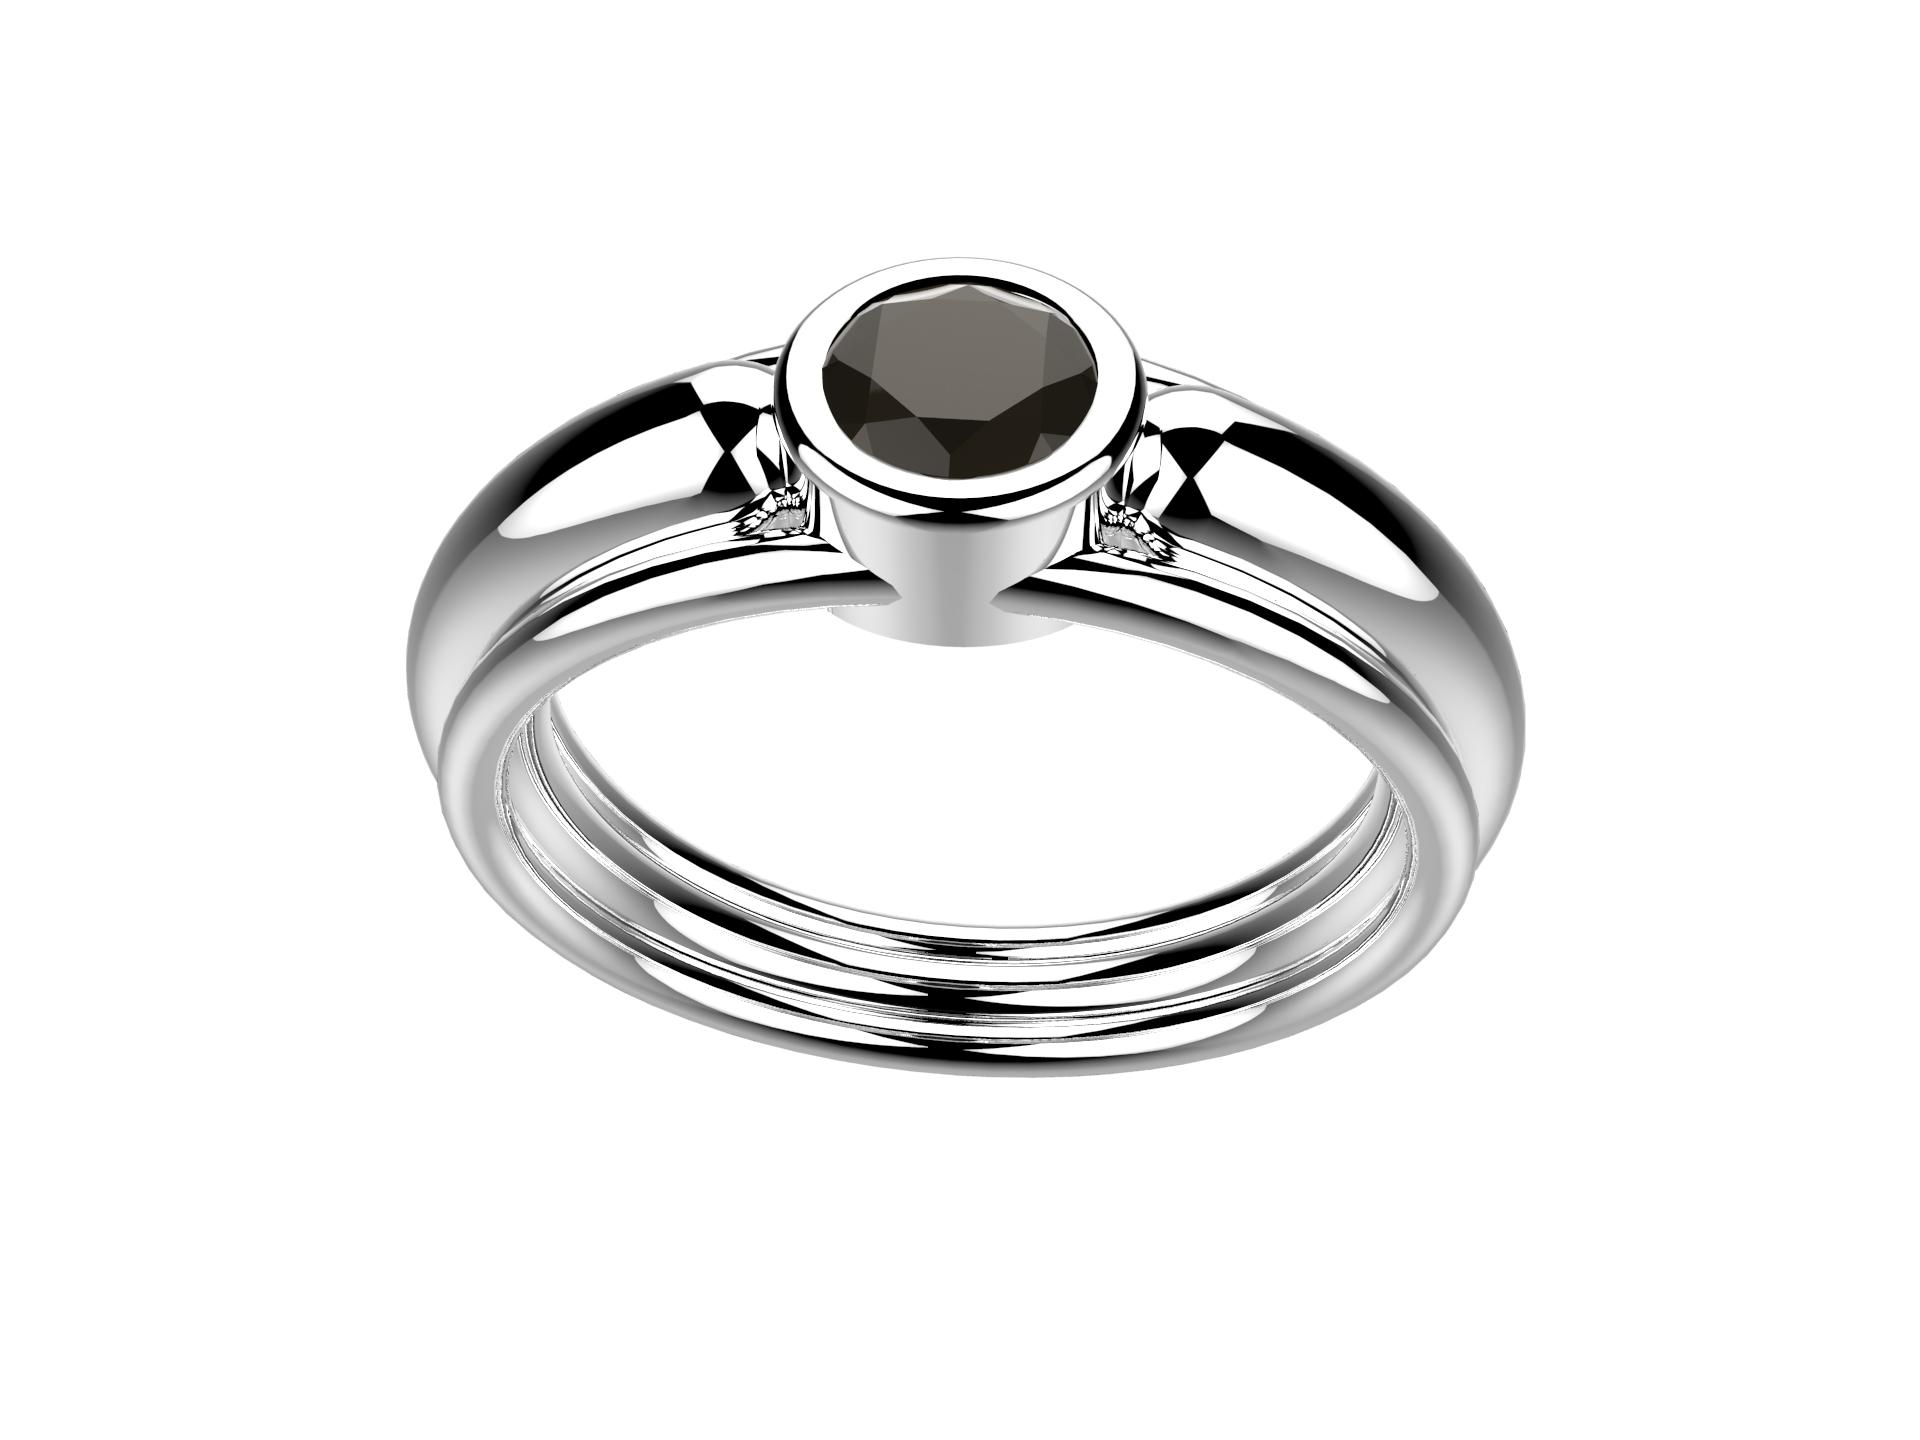 Bague or blanc diamant noir 2160 €